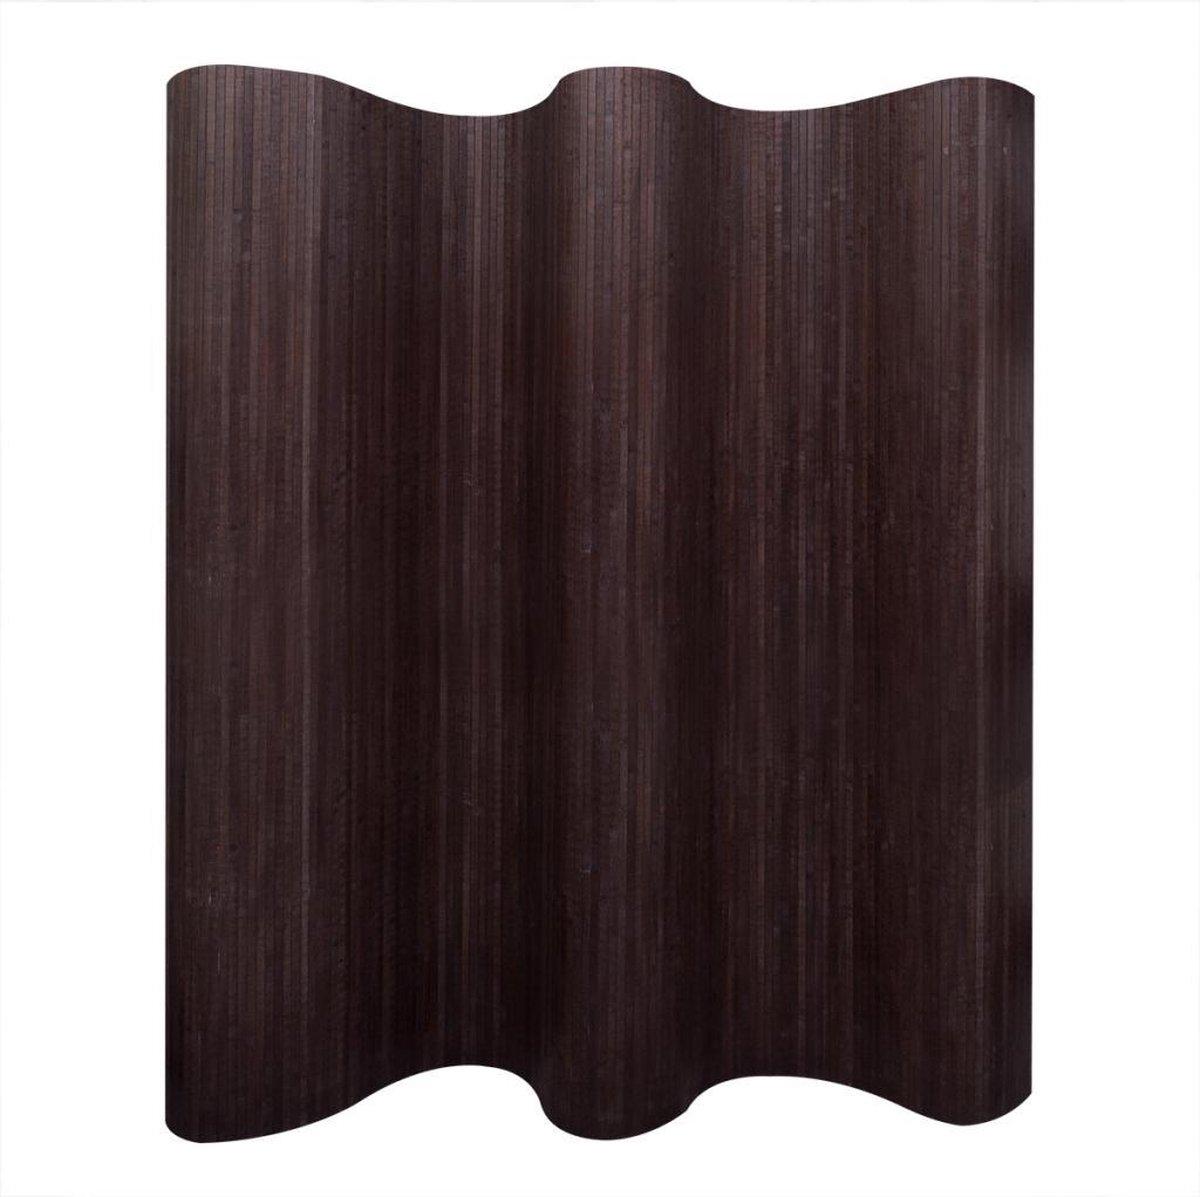 vidaXL Kamerverdeler donkerbruin bamboe 250x165 cm